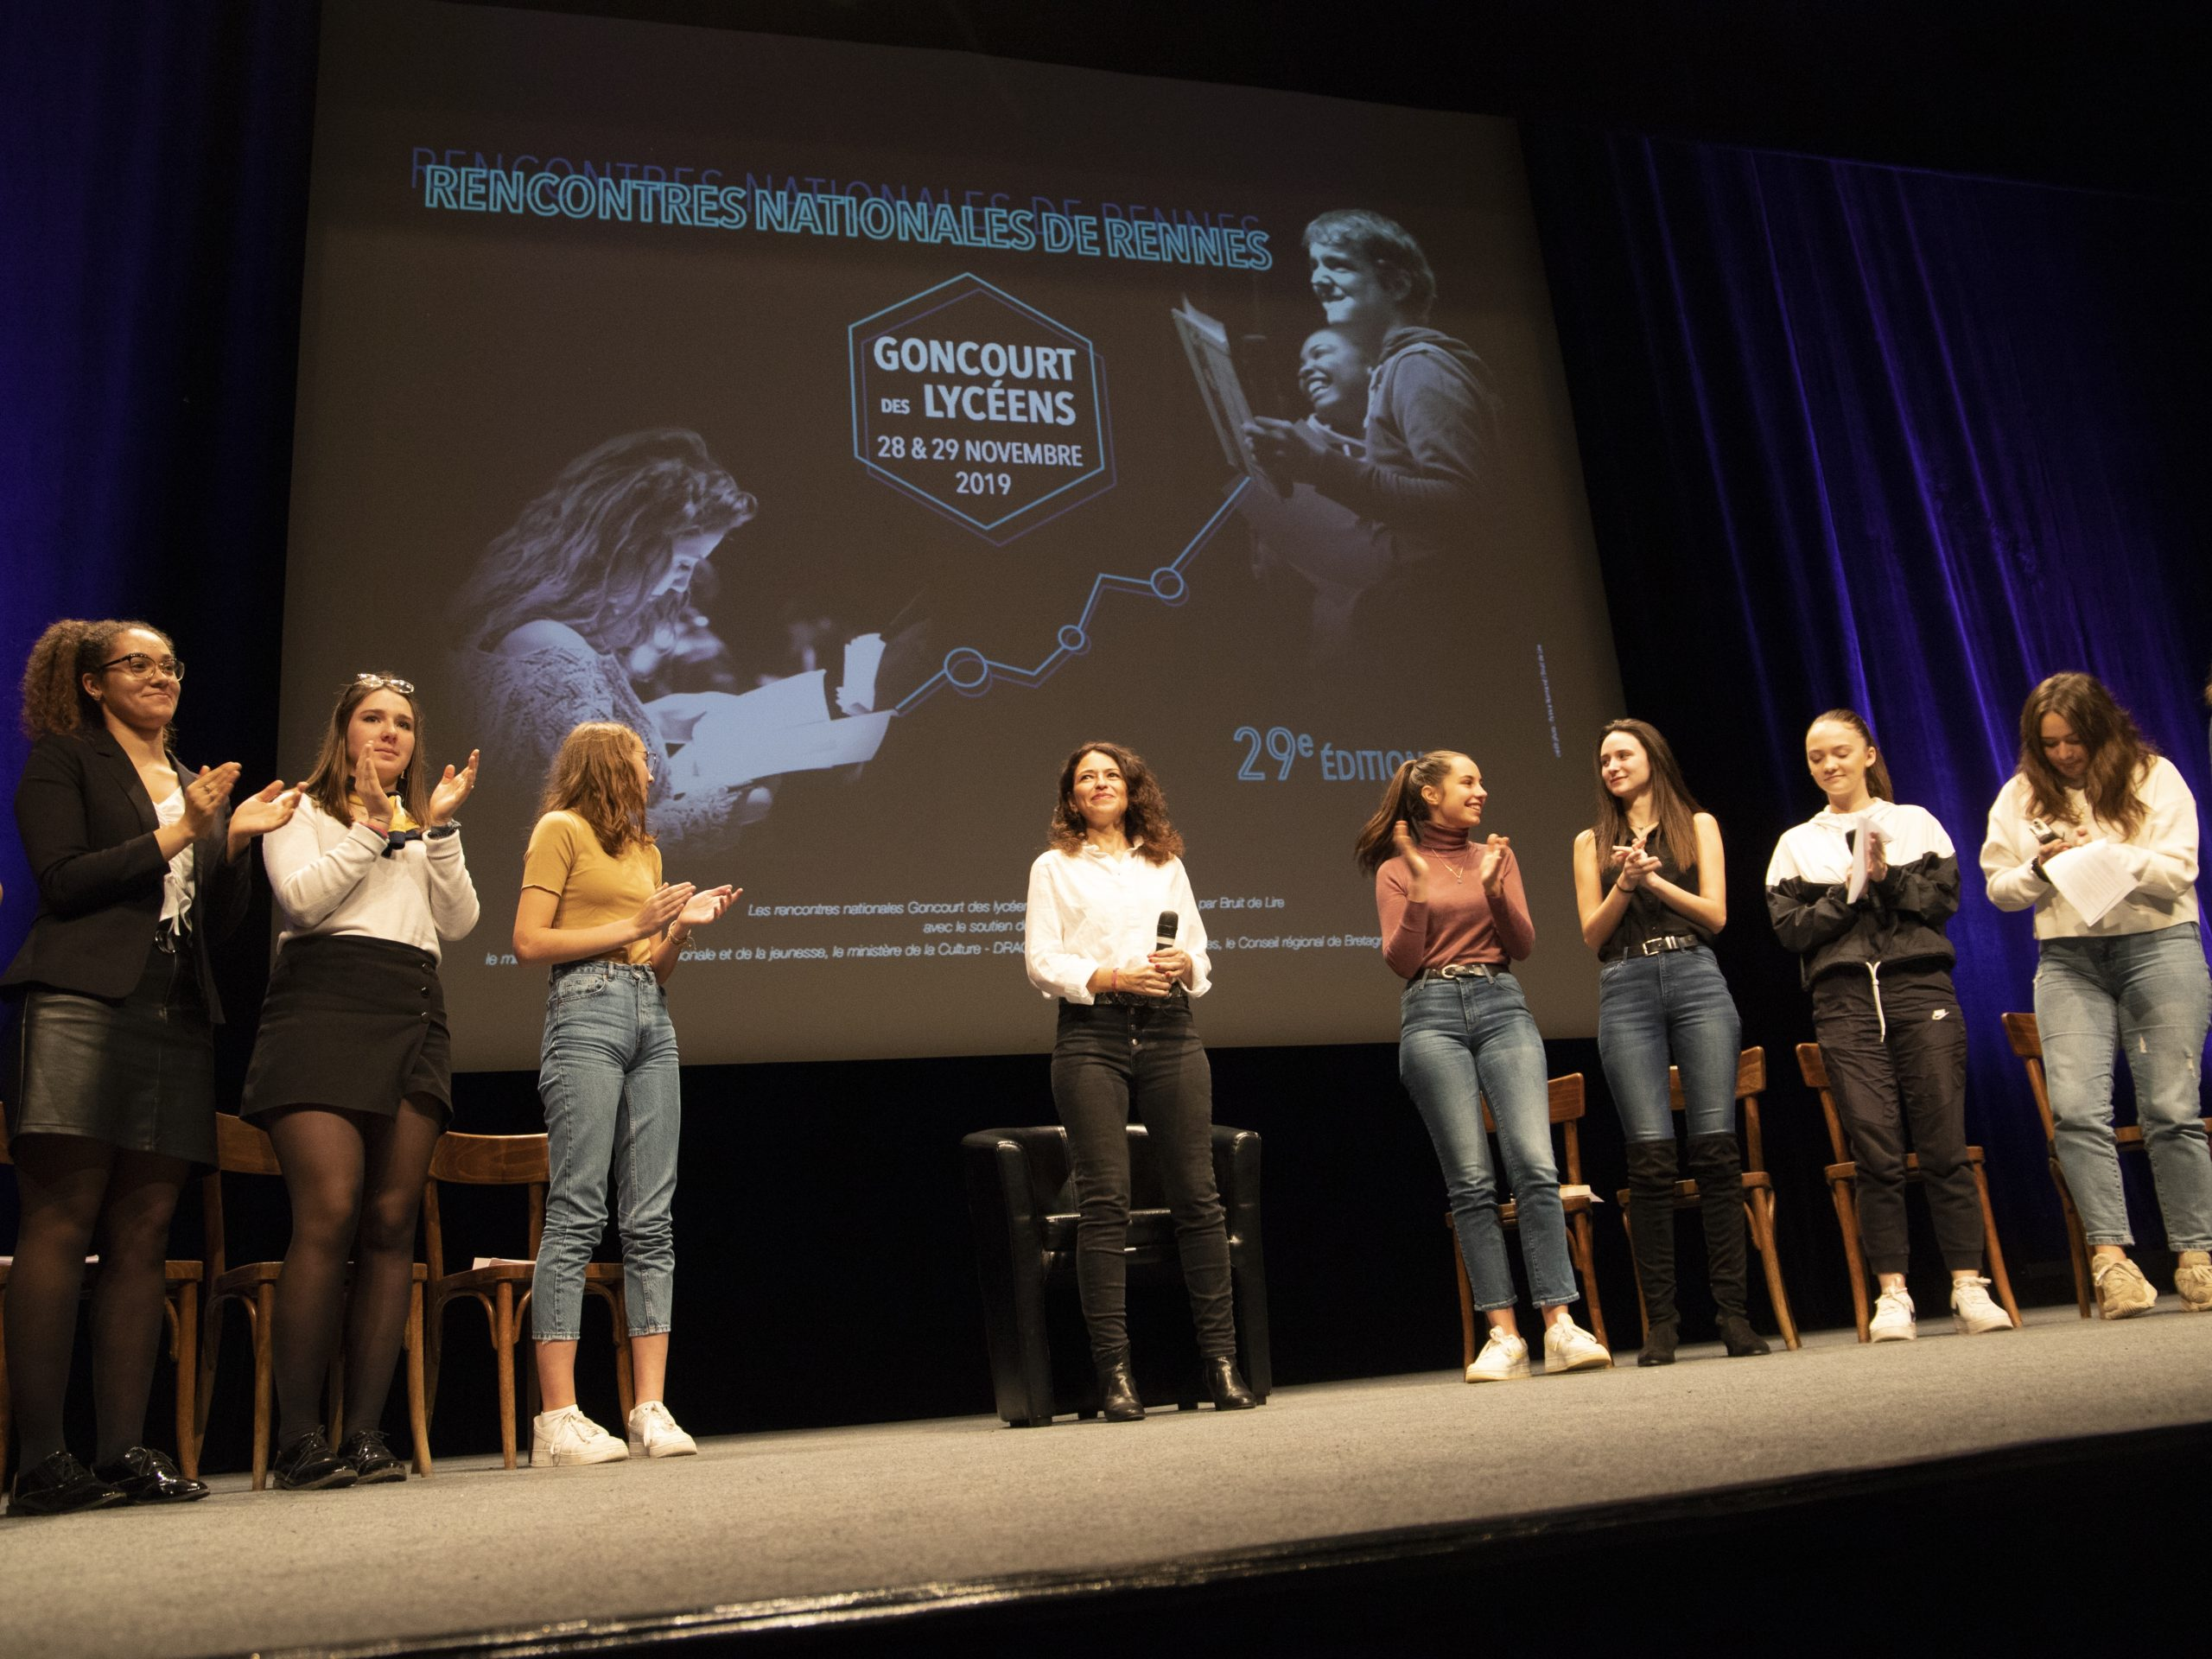 Karin Tuil Rencontres nationales du Goncourt des lycéens de Rennes 2019 ©Patrice Normand-Bruit de Lire